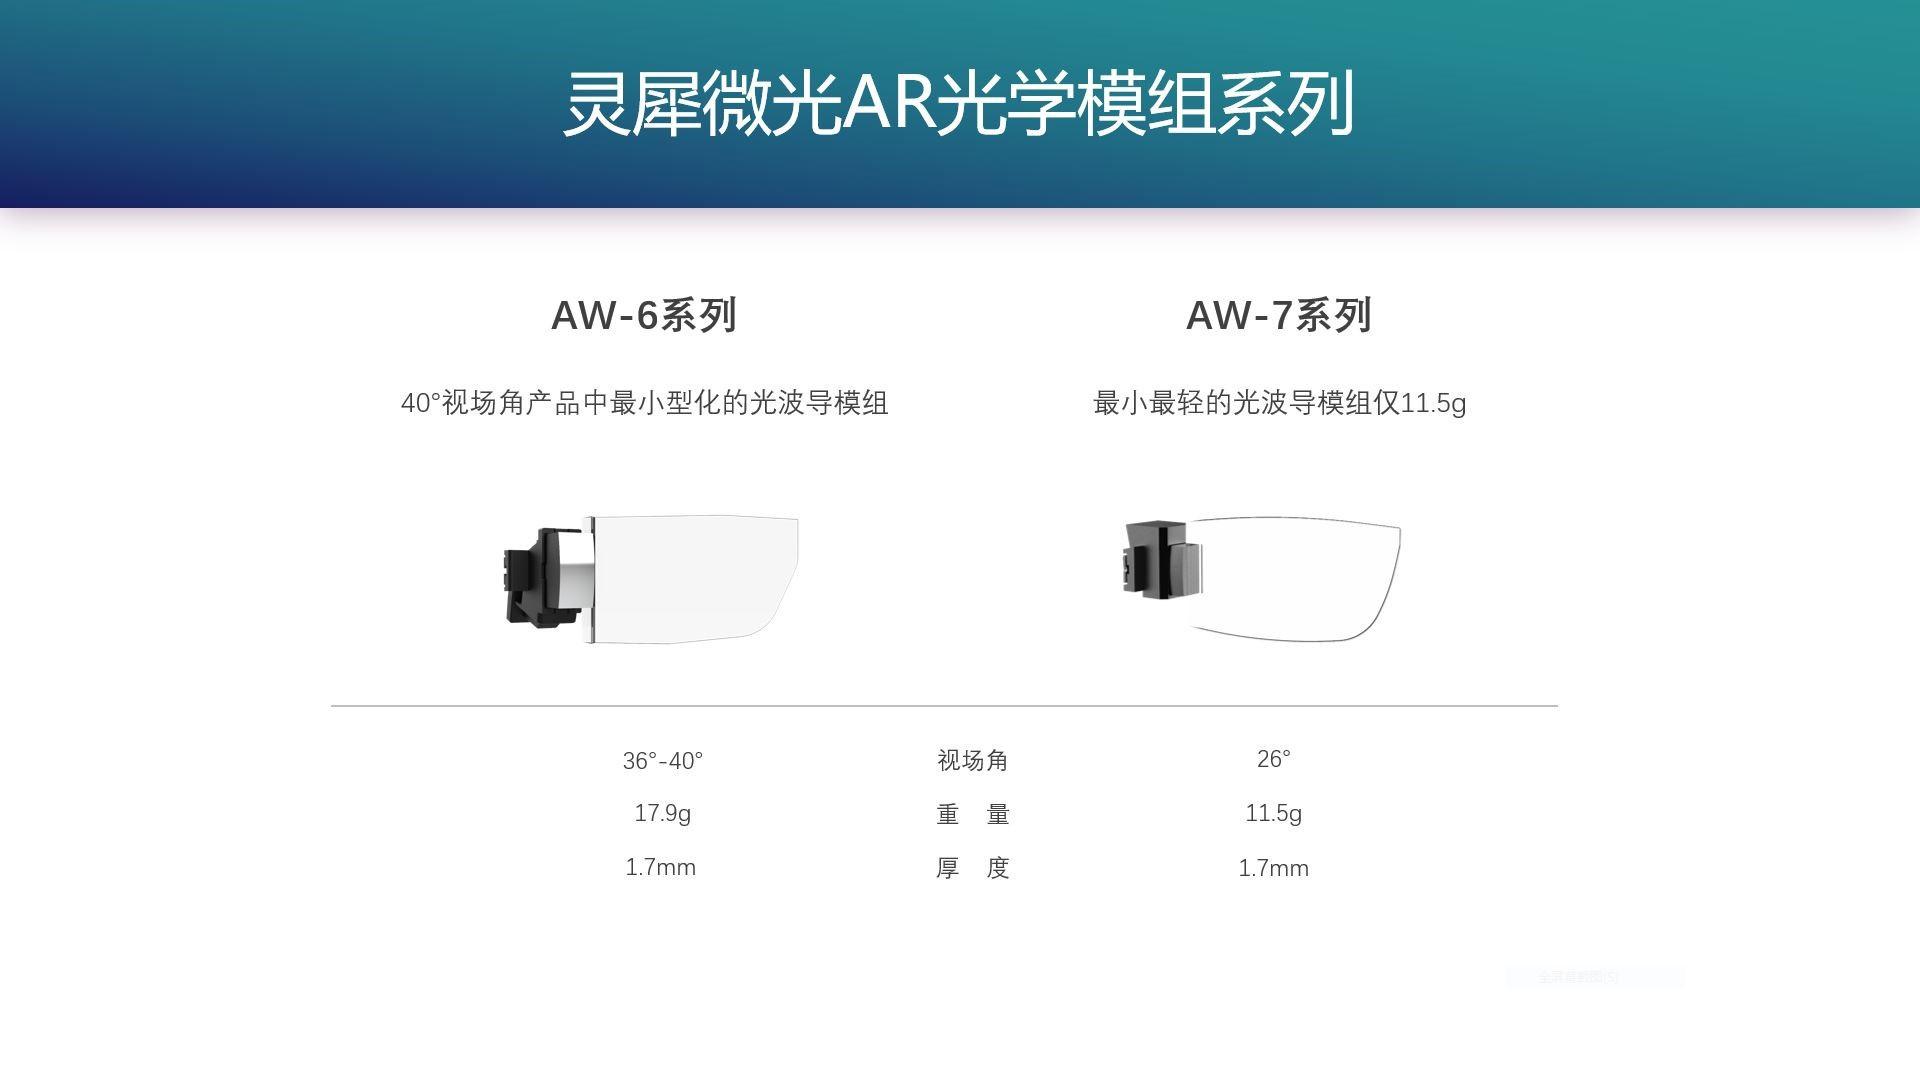 AR光波制造商灵犀微光 获得数千万元A+轮融资 AR资讯 第2张